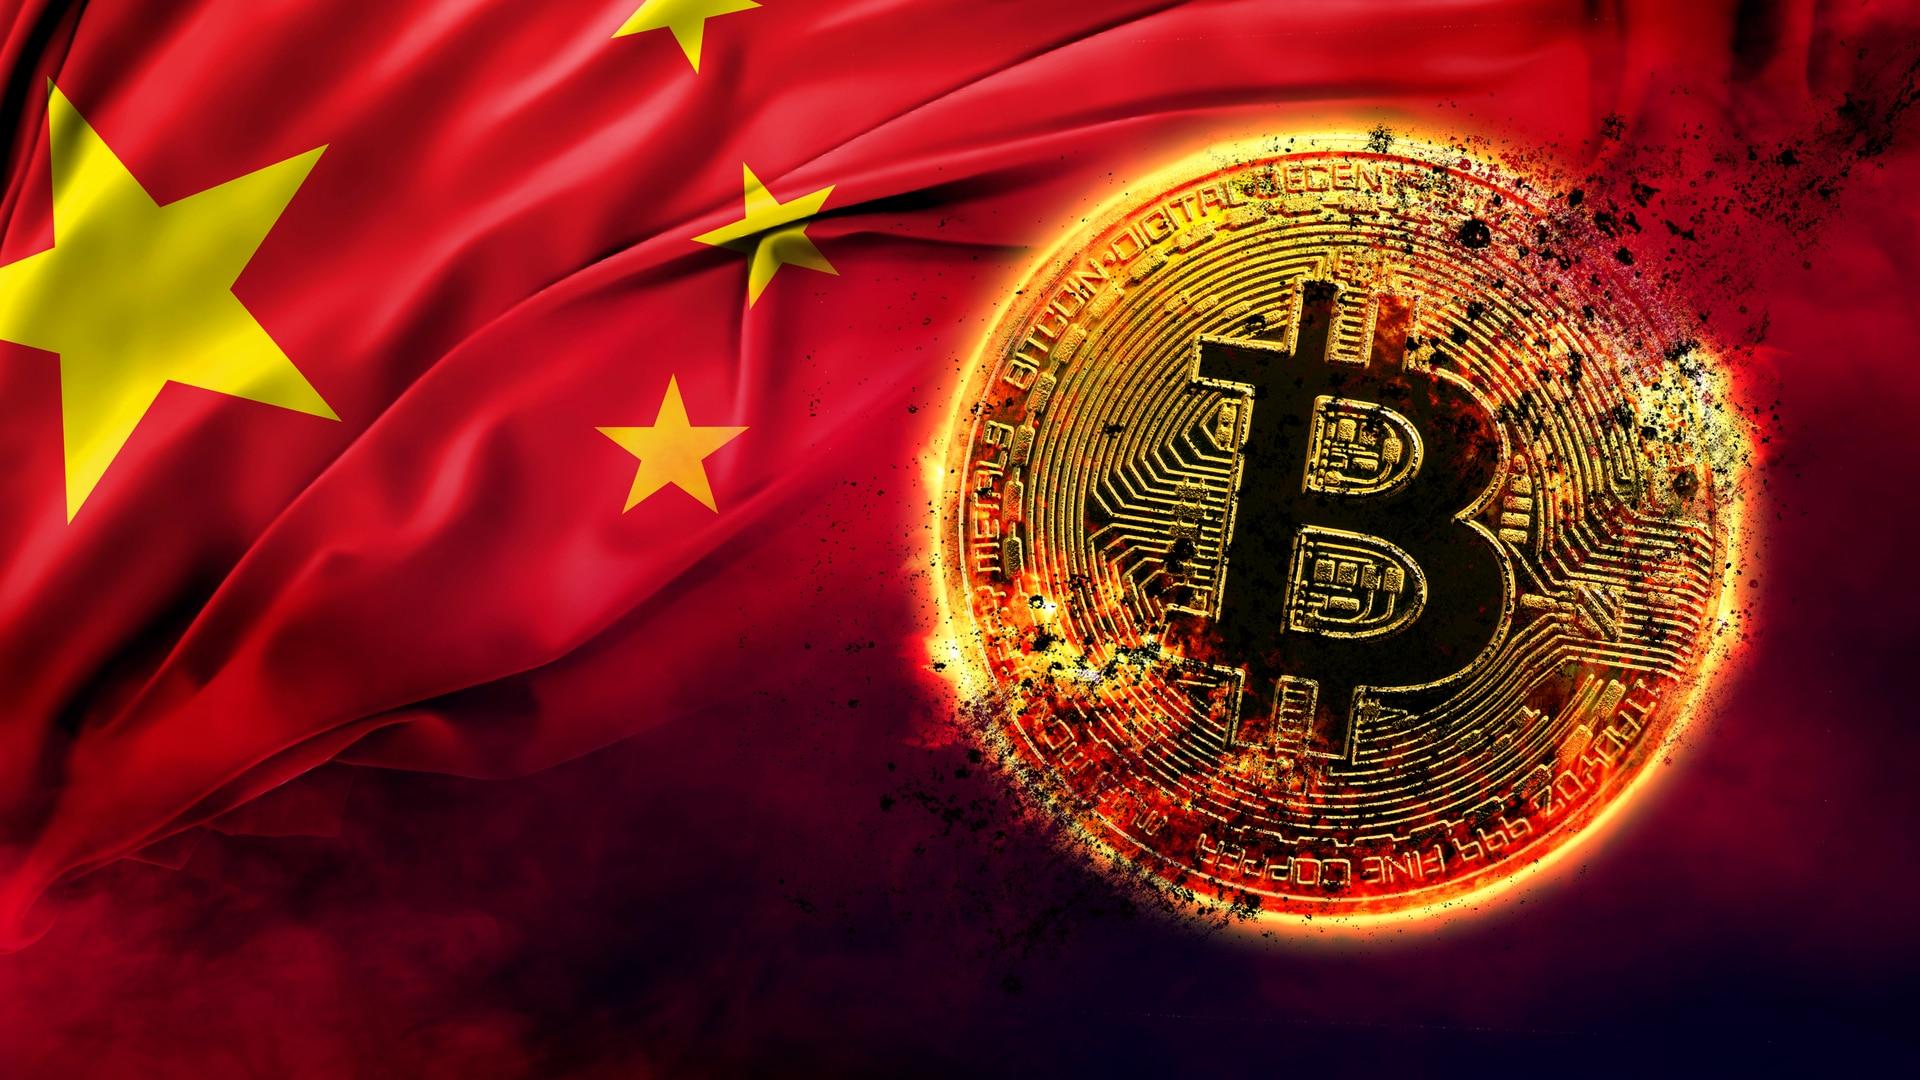 Maior pool de mineração de Bitcoin bane chineses